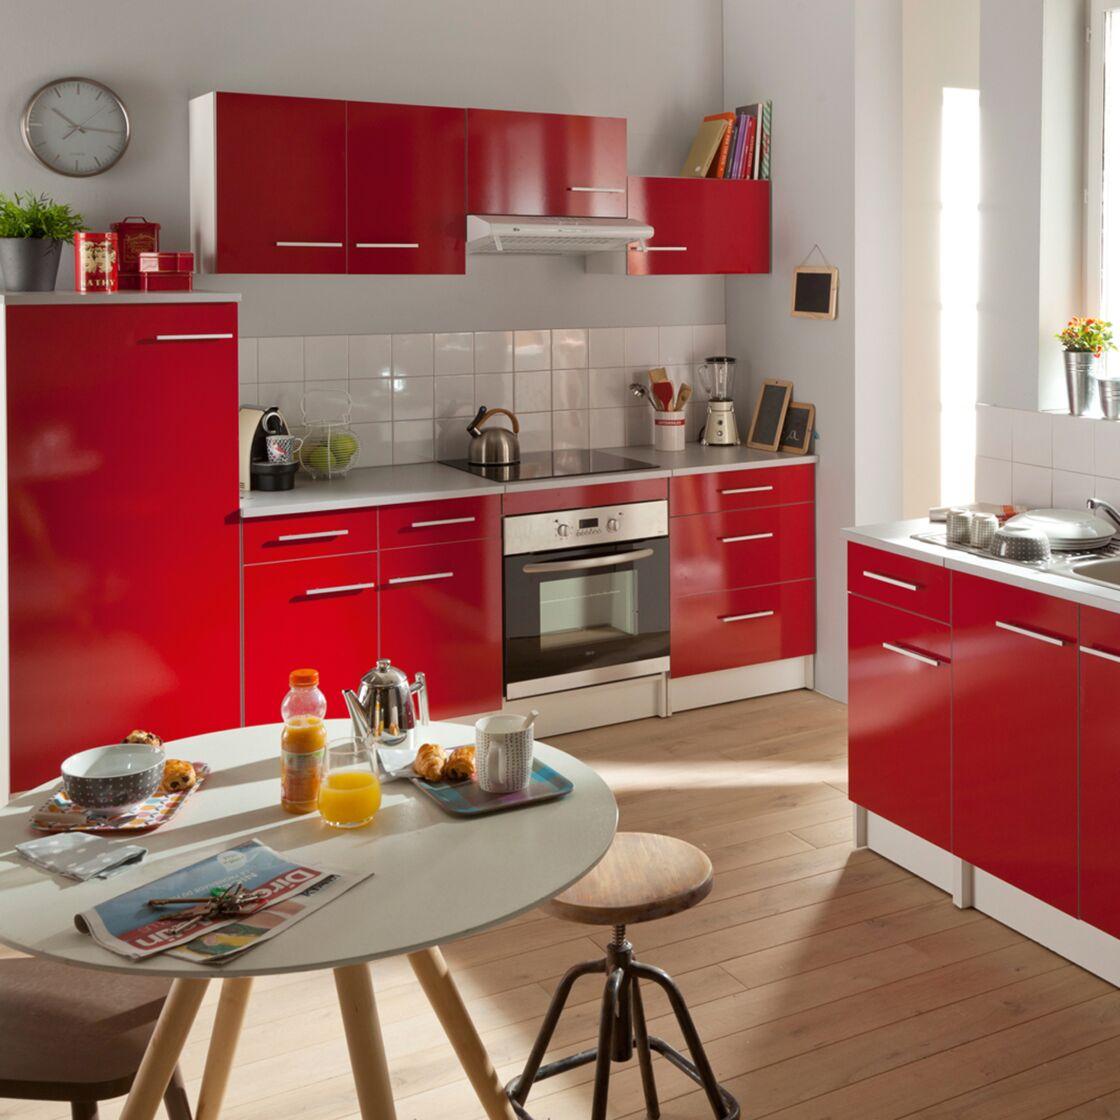 Avec Le Modèle Spoon Shiny Rouge, On Repense Sa Cuisine Dans Un Style  Moderne Et Contemporain.